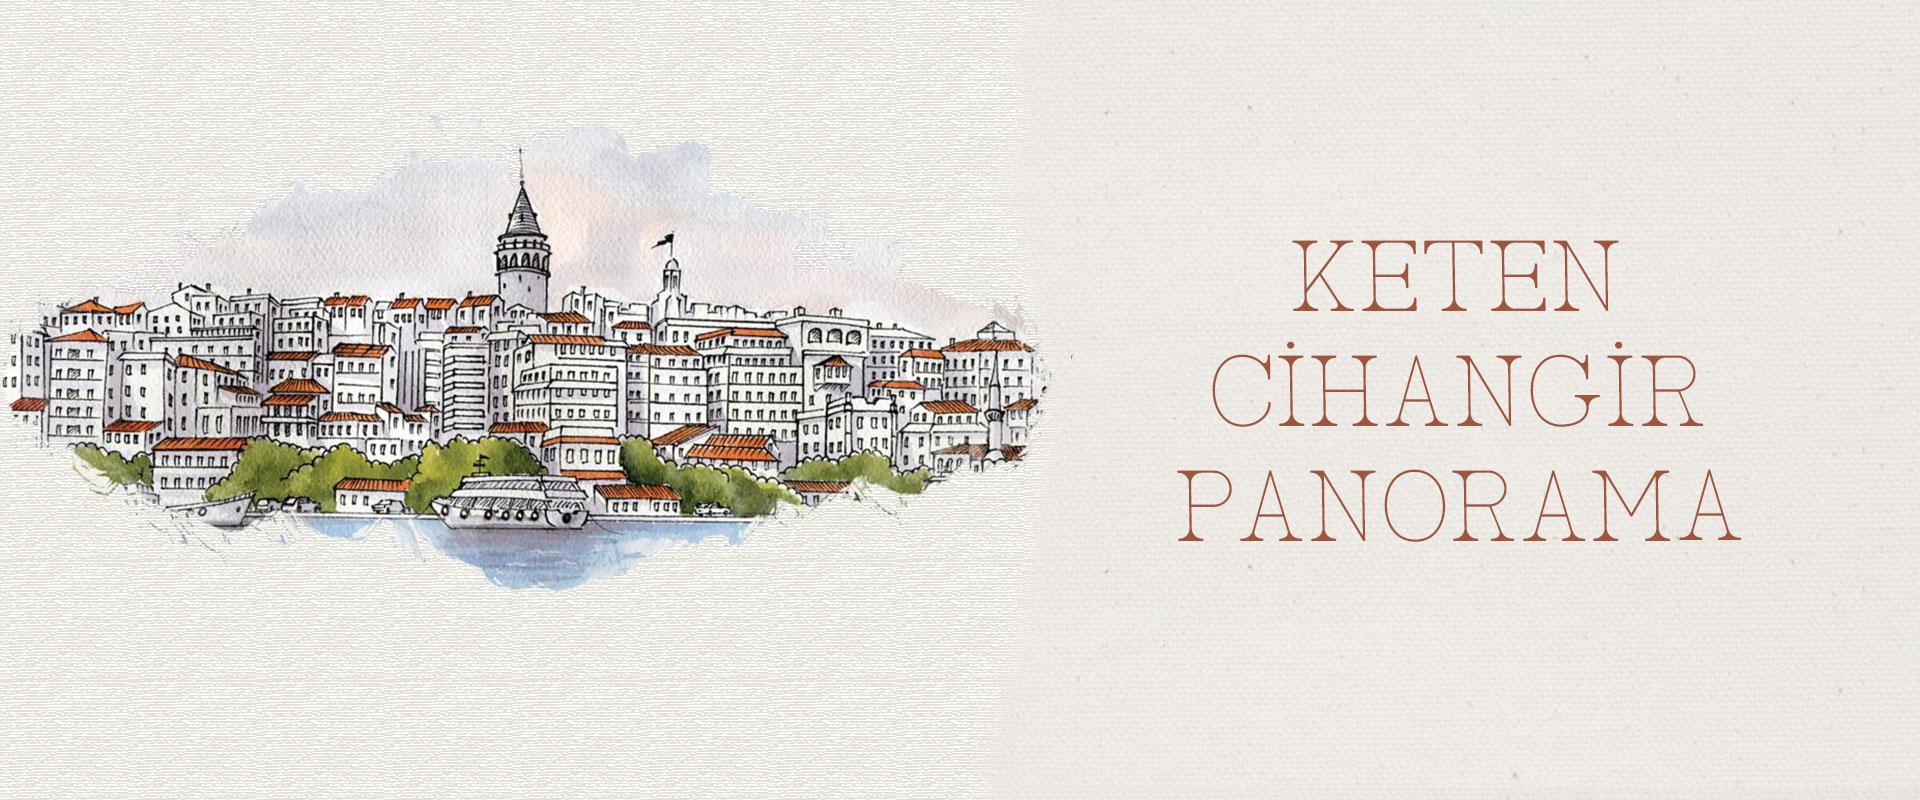 ket443_cihangir_panorama